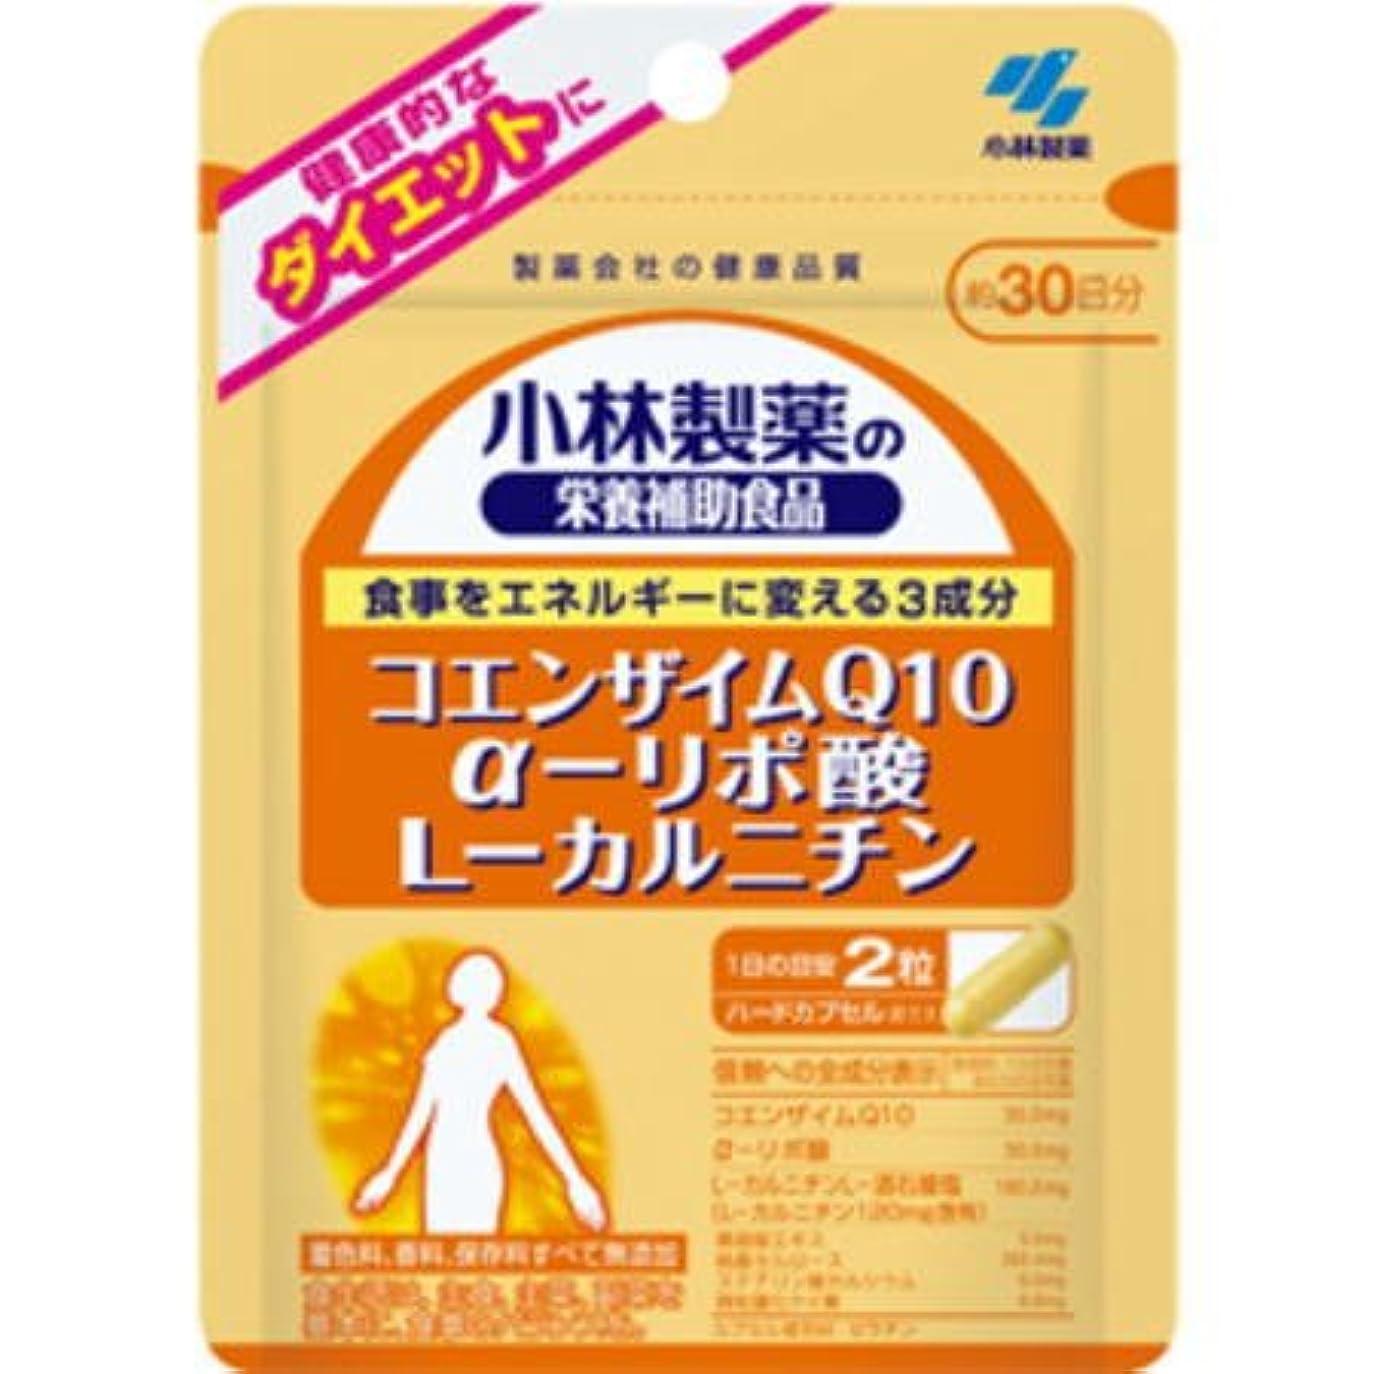 暗記するほのかニュージーランド小林製薬 コエンザイムQ10 α-リポ酸 L-カルニチン(60粒)